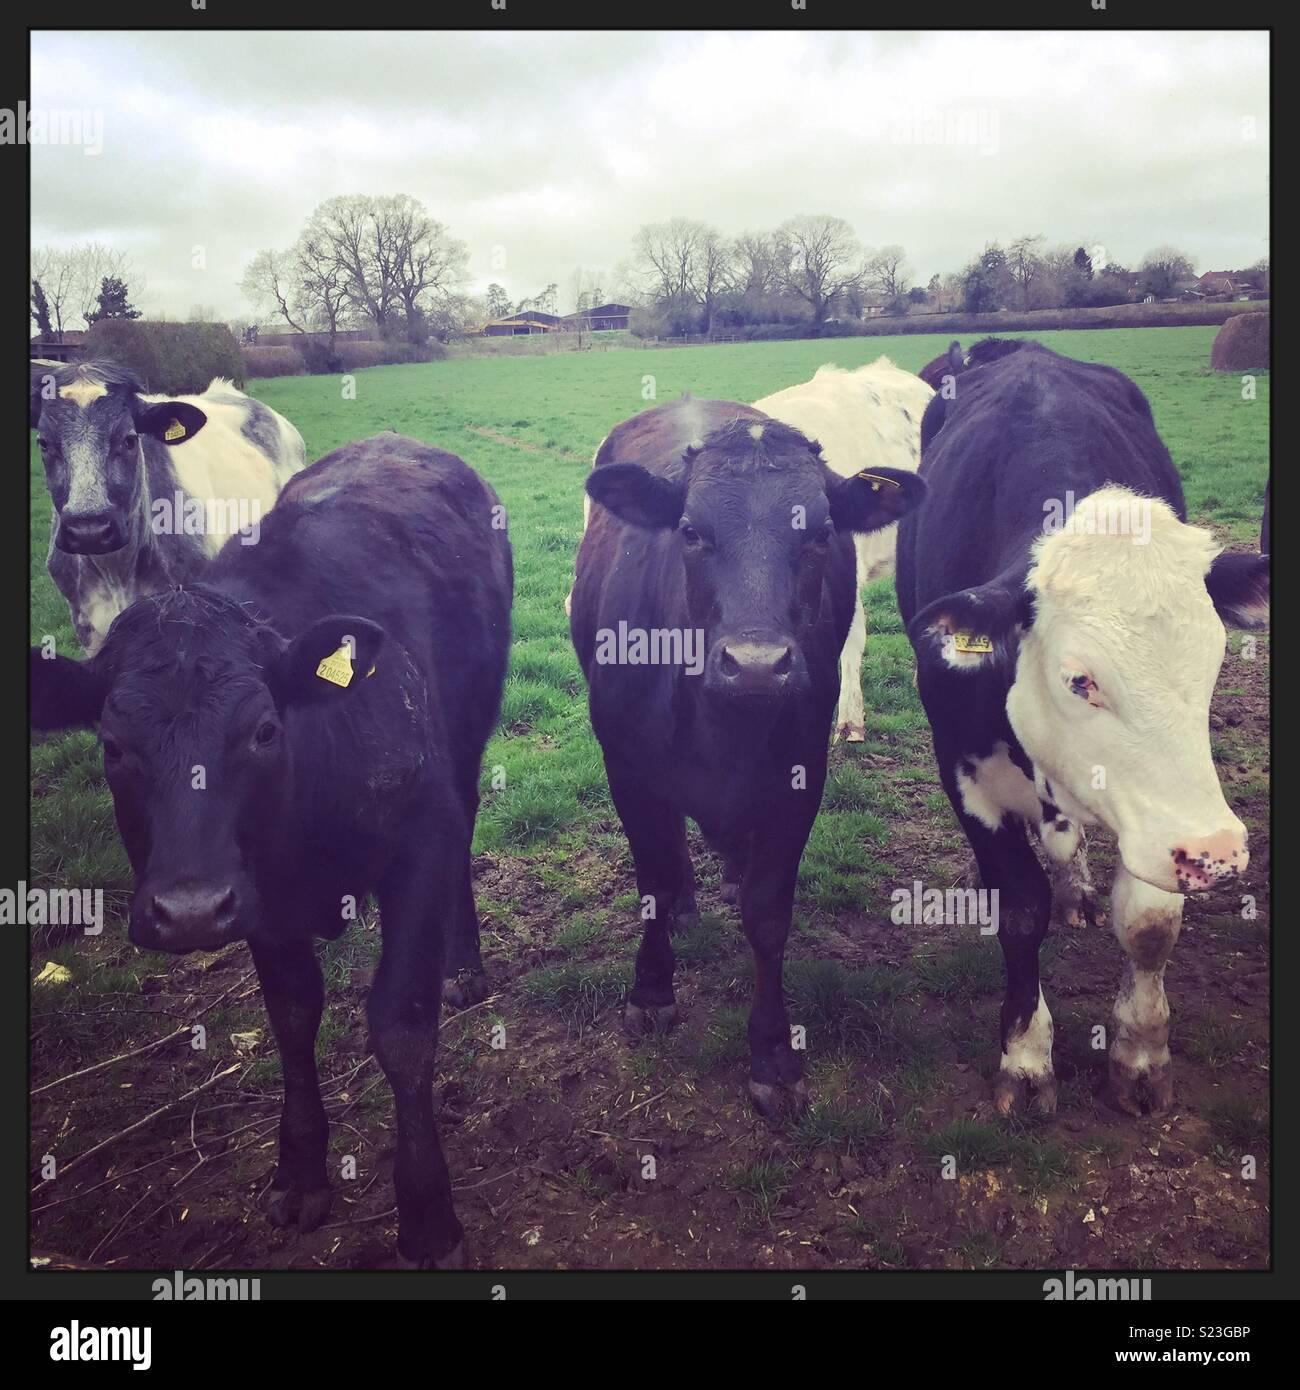 Las vacas que bloquea el camino Imagen De Stock